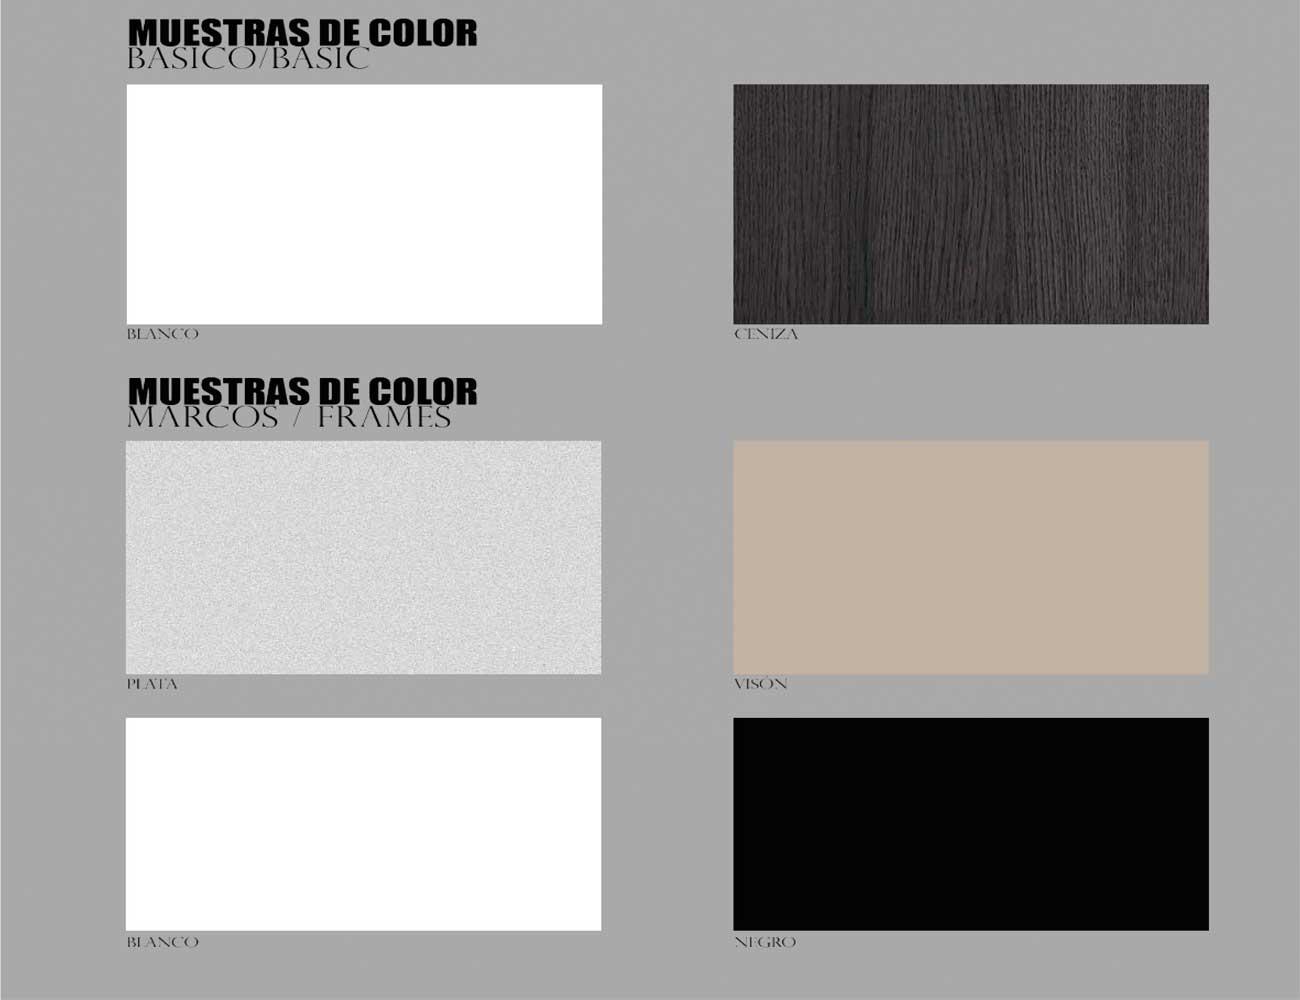 Colores tecnico14